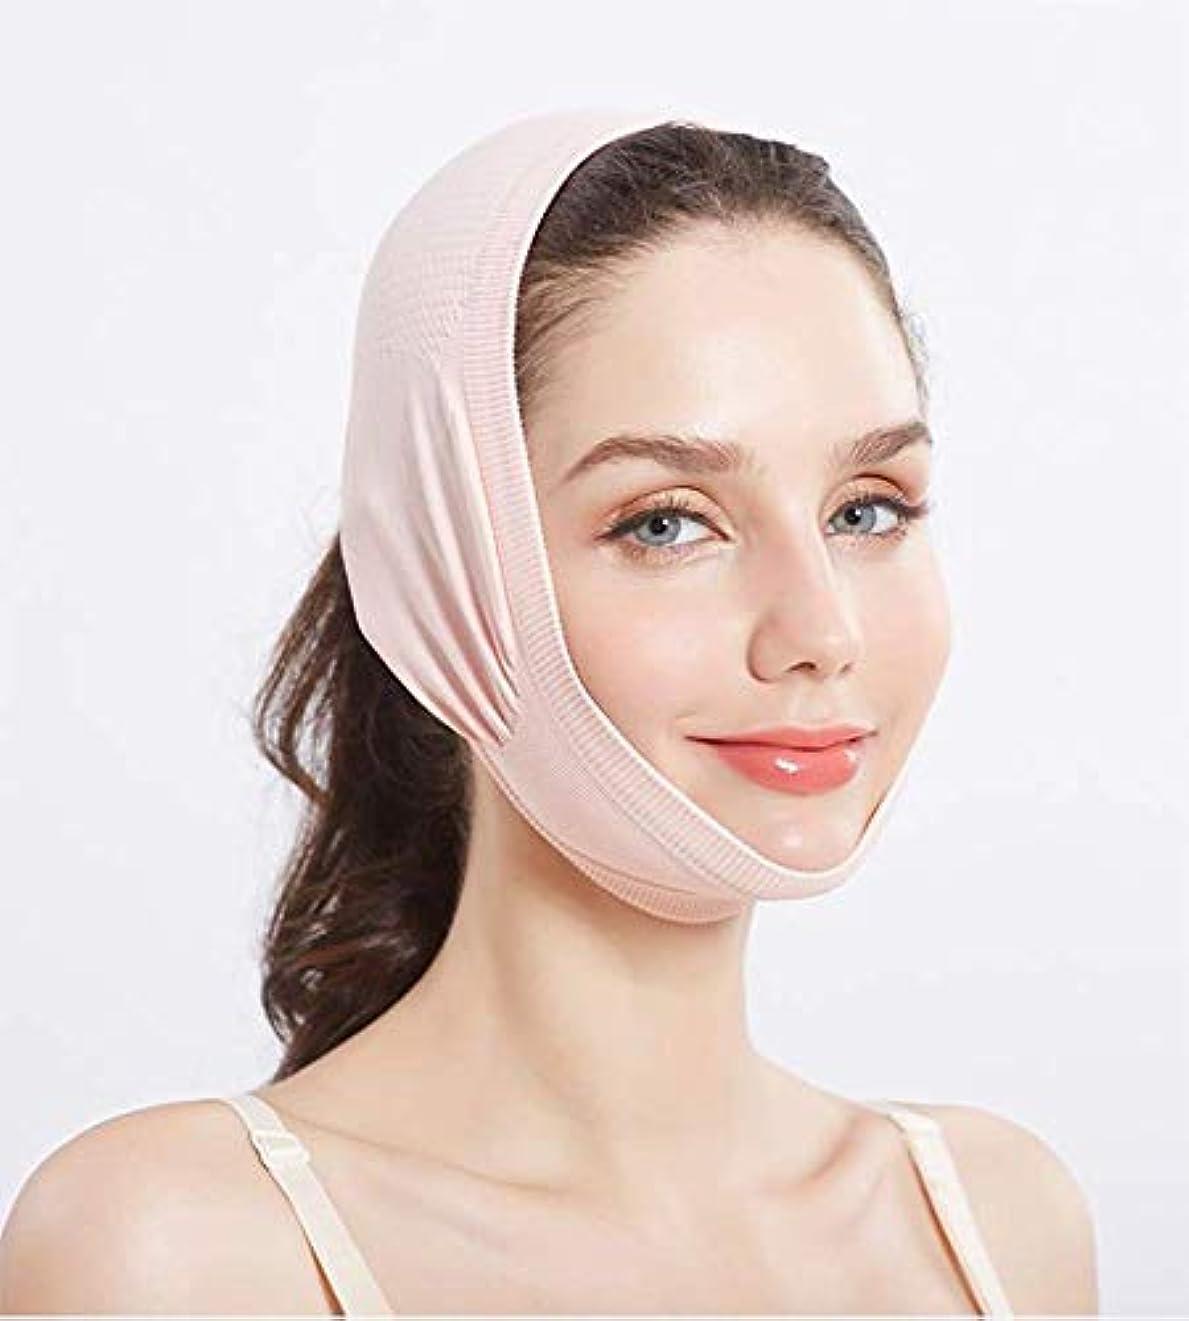 ファランクス半径便宜Lquideの表面持ち上がるベルトの包帯Vの表面のアーティファクトのマスクの持ち上がるあごを正常な美の顔の包帯に快適で、柔らかい